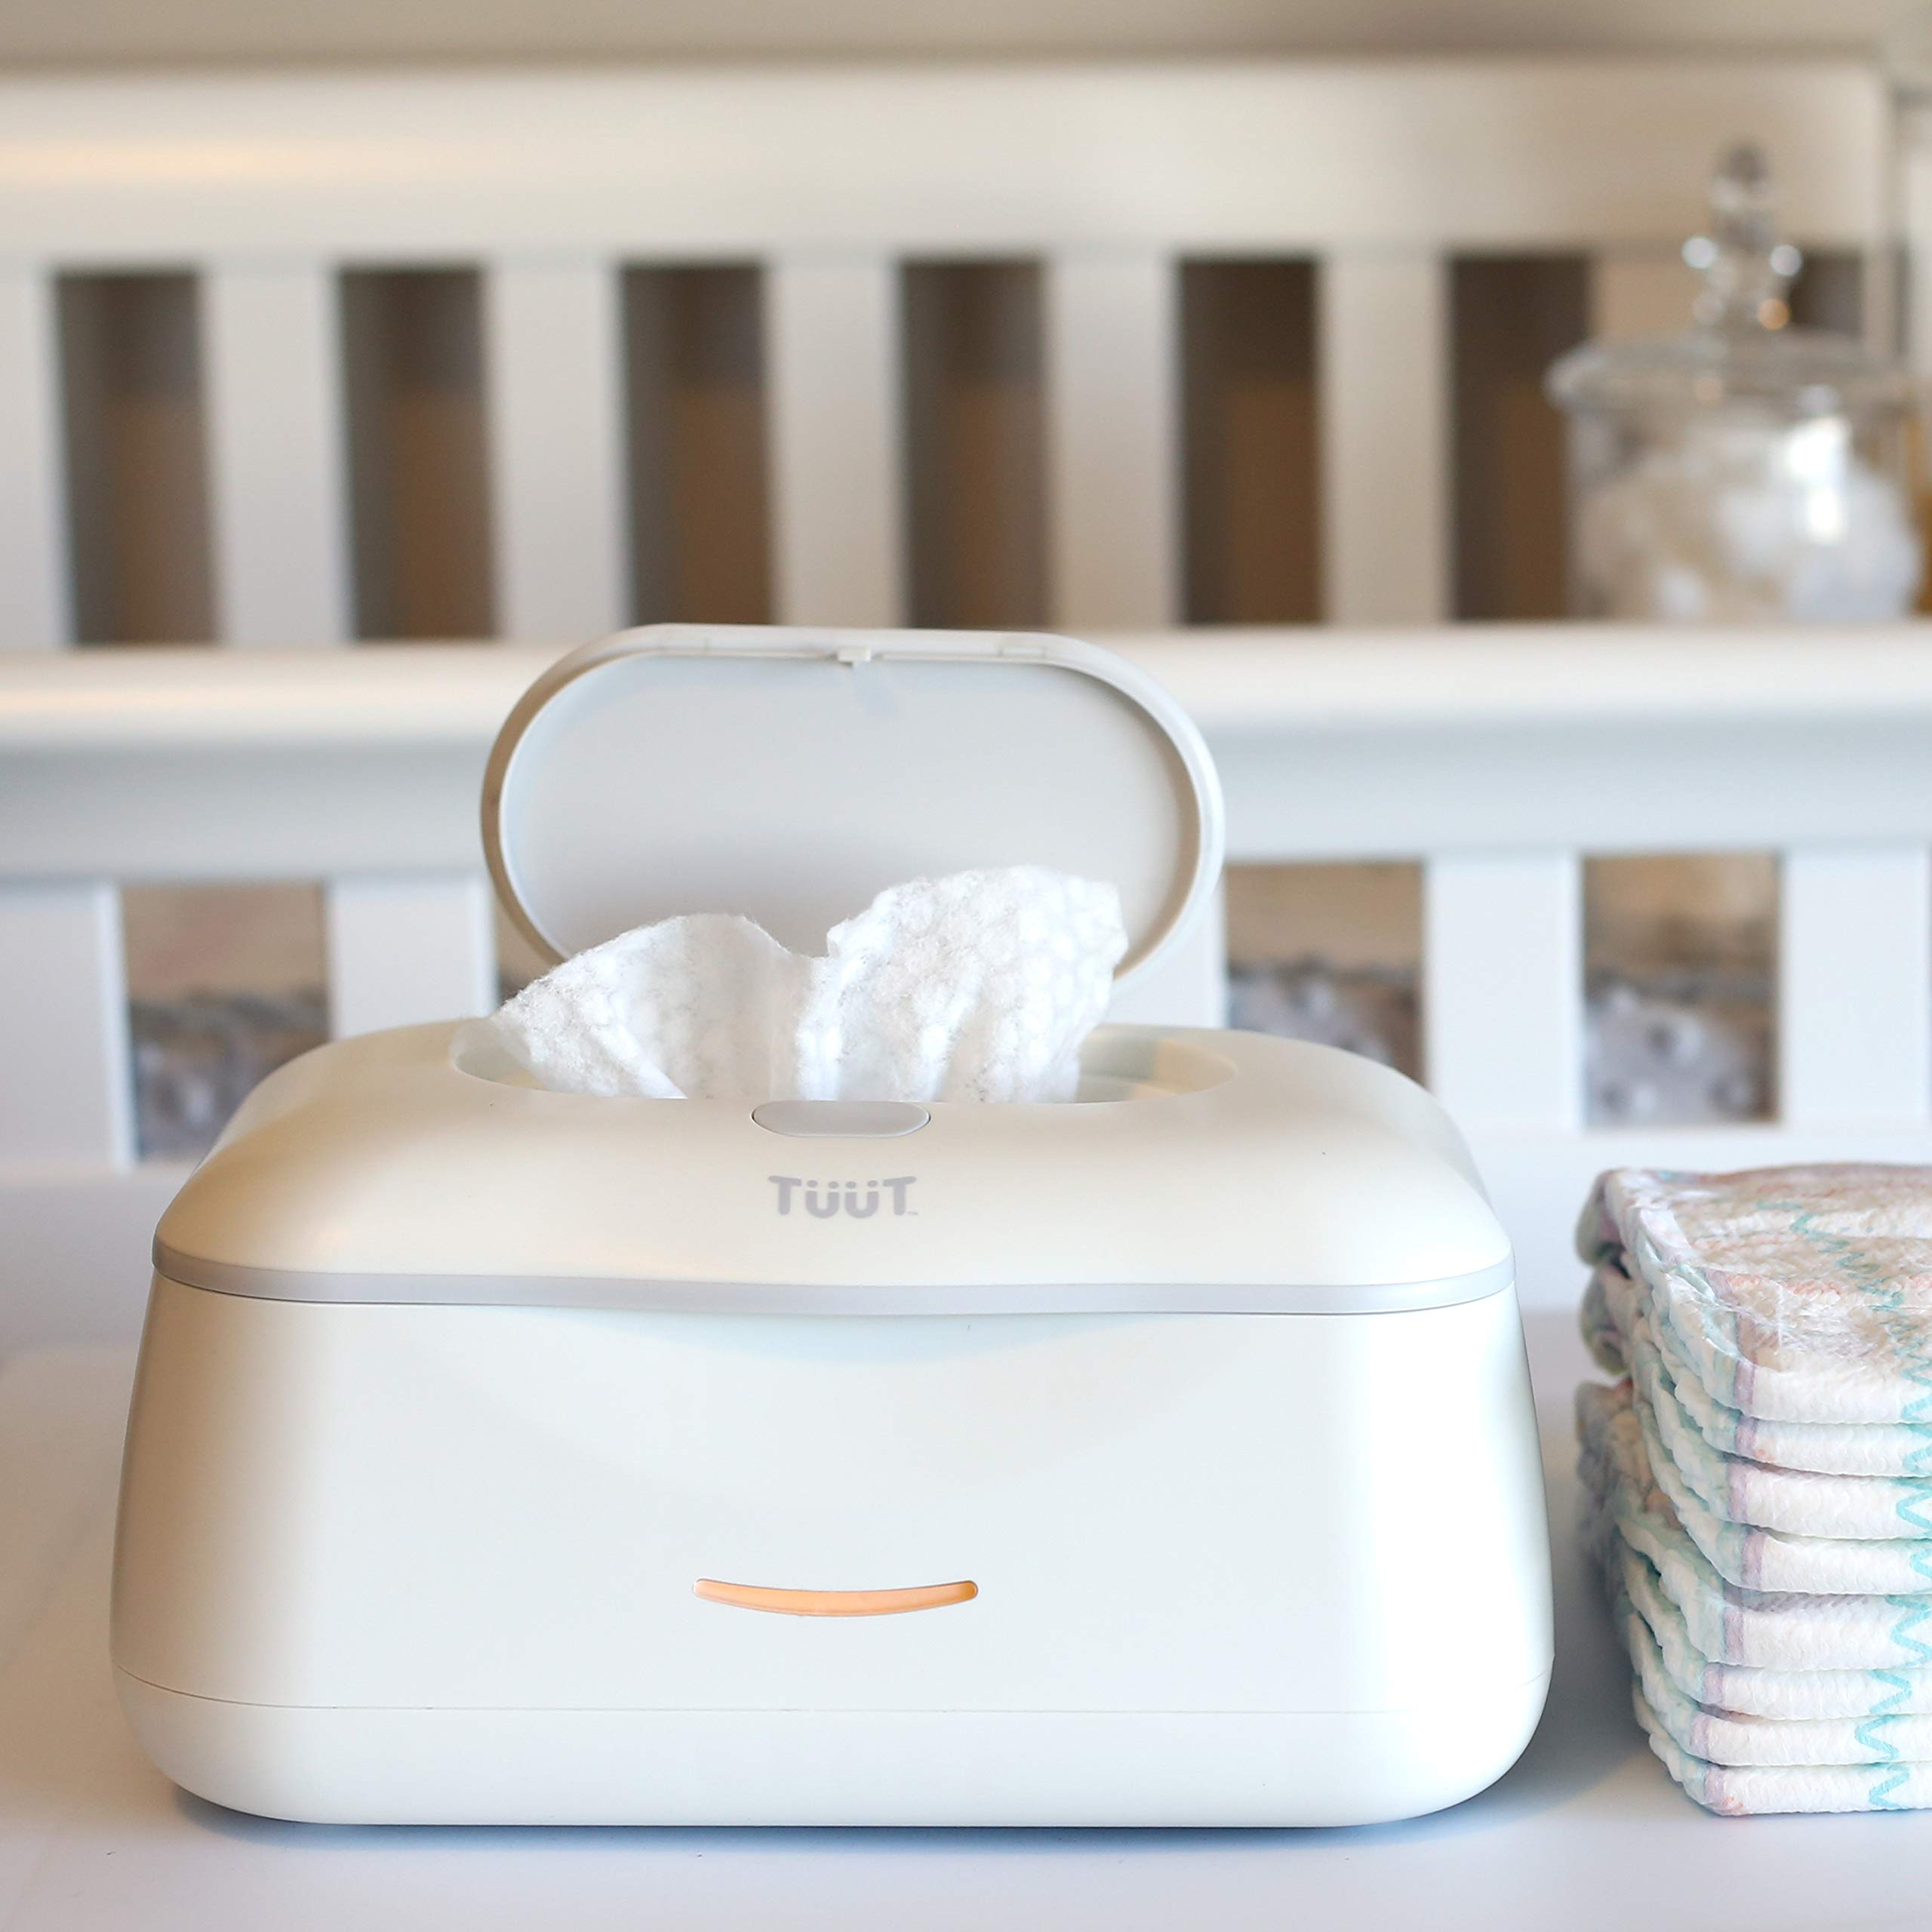 Baby Wipe Warmer & Wipes Dispenser - Sleek Diaper Wipes Holder for Boys and Girls - Tuut by Tuut